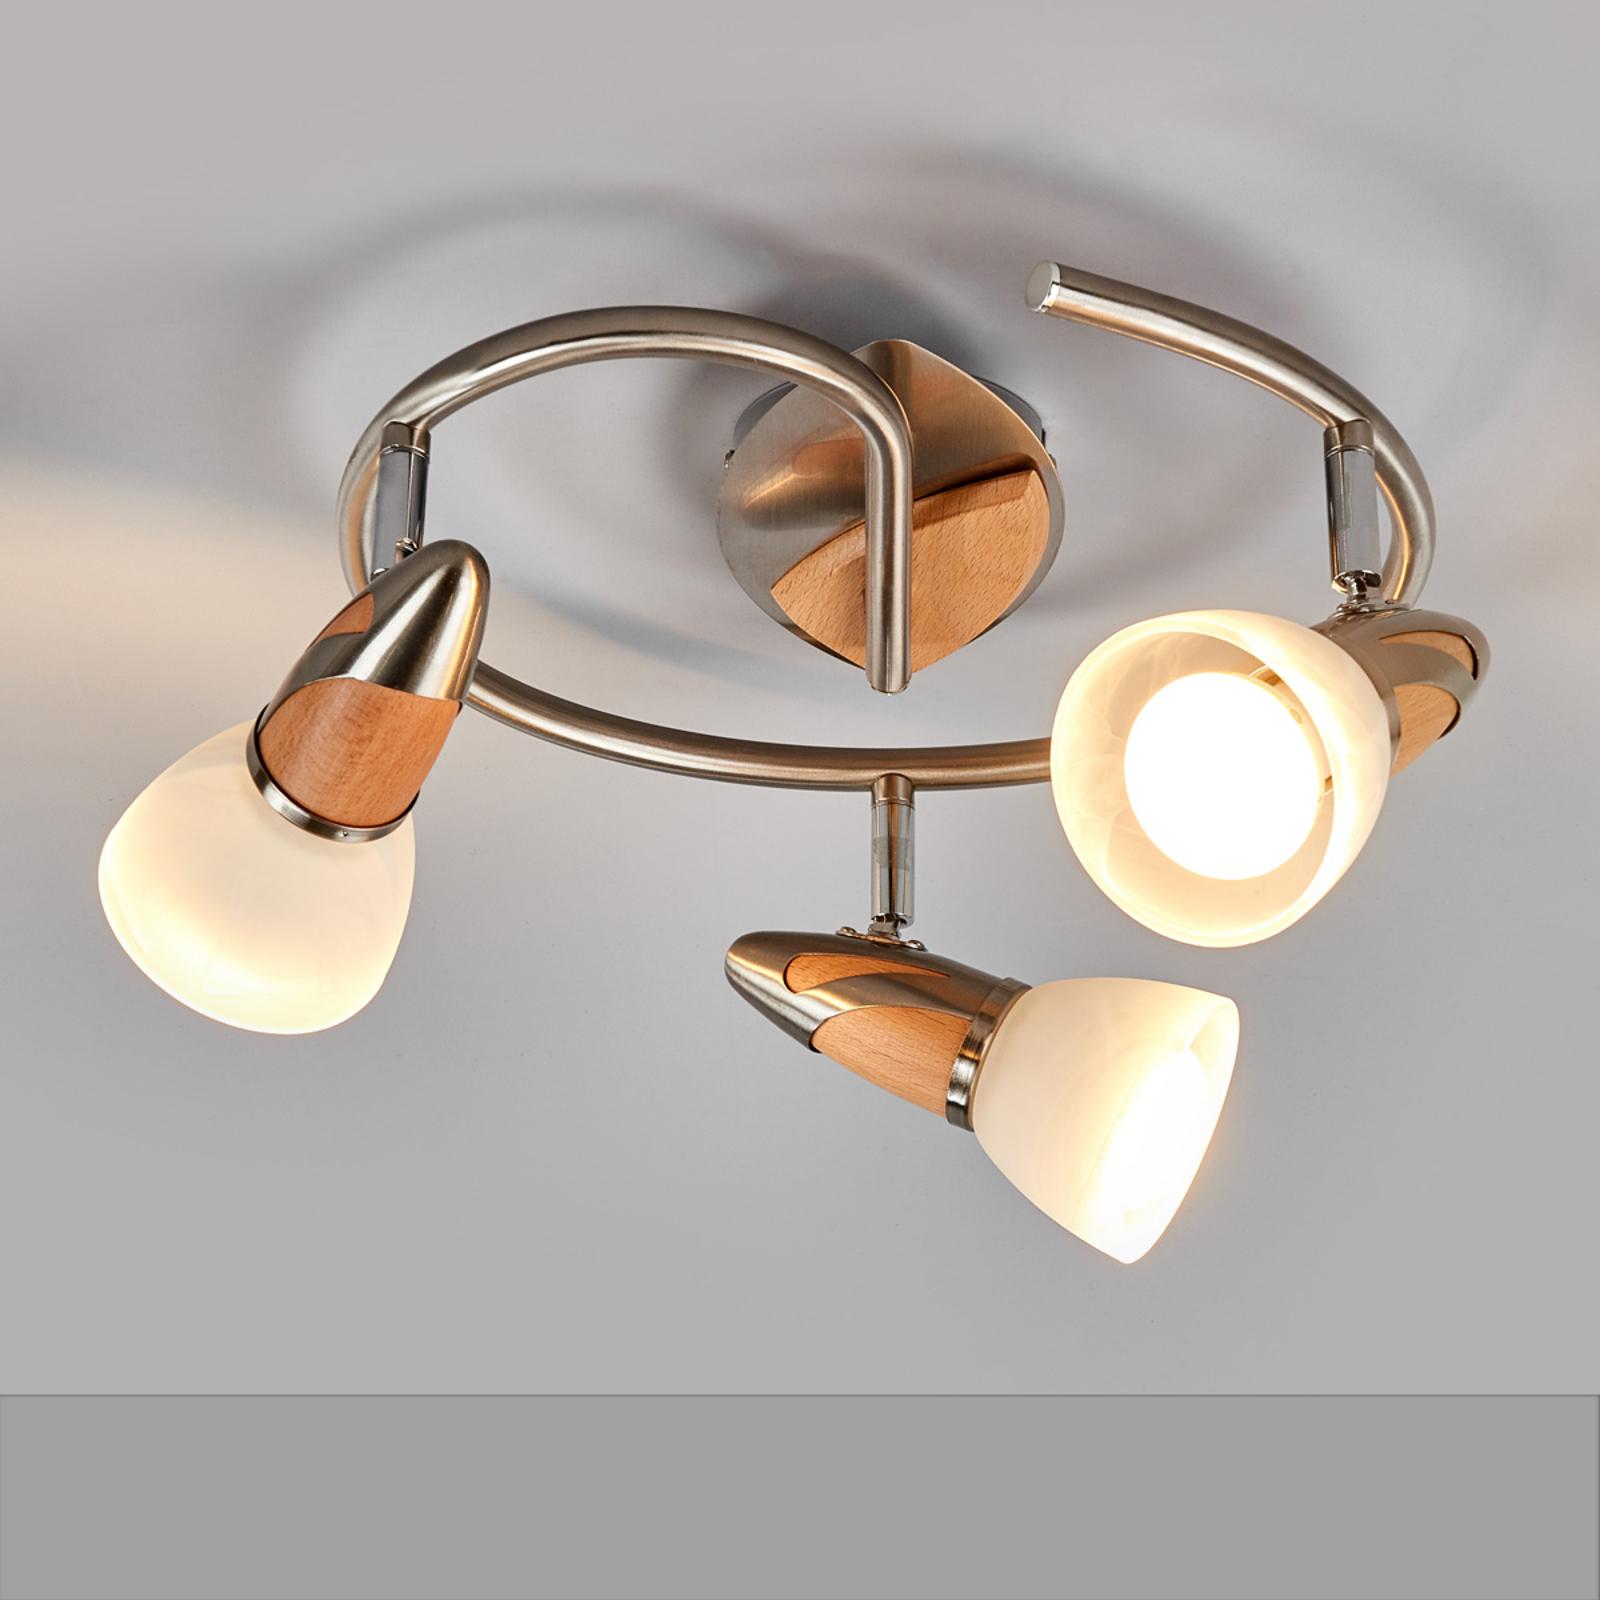 Marena - taklampe med 3 LED-lys